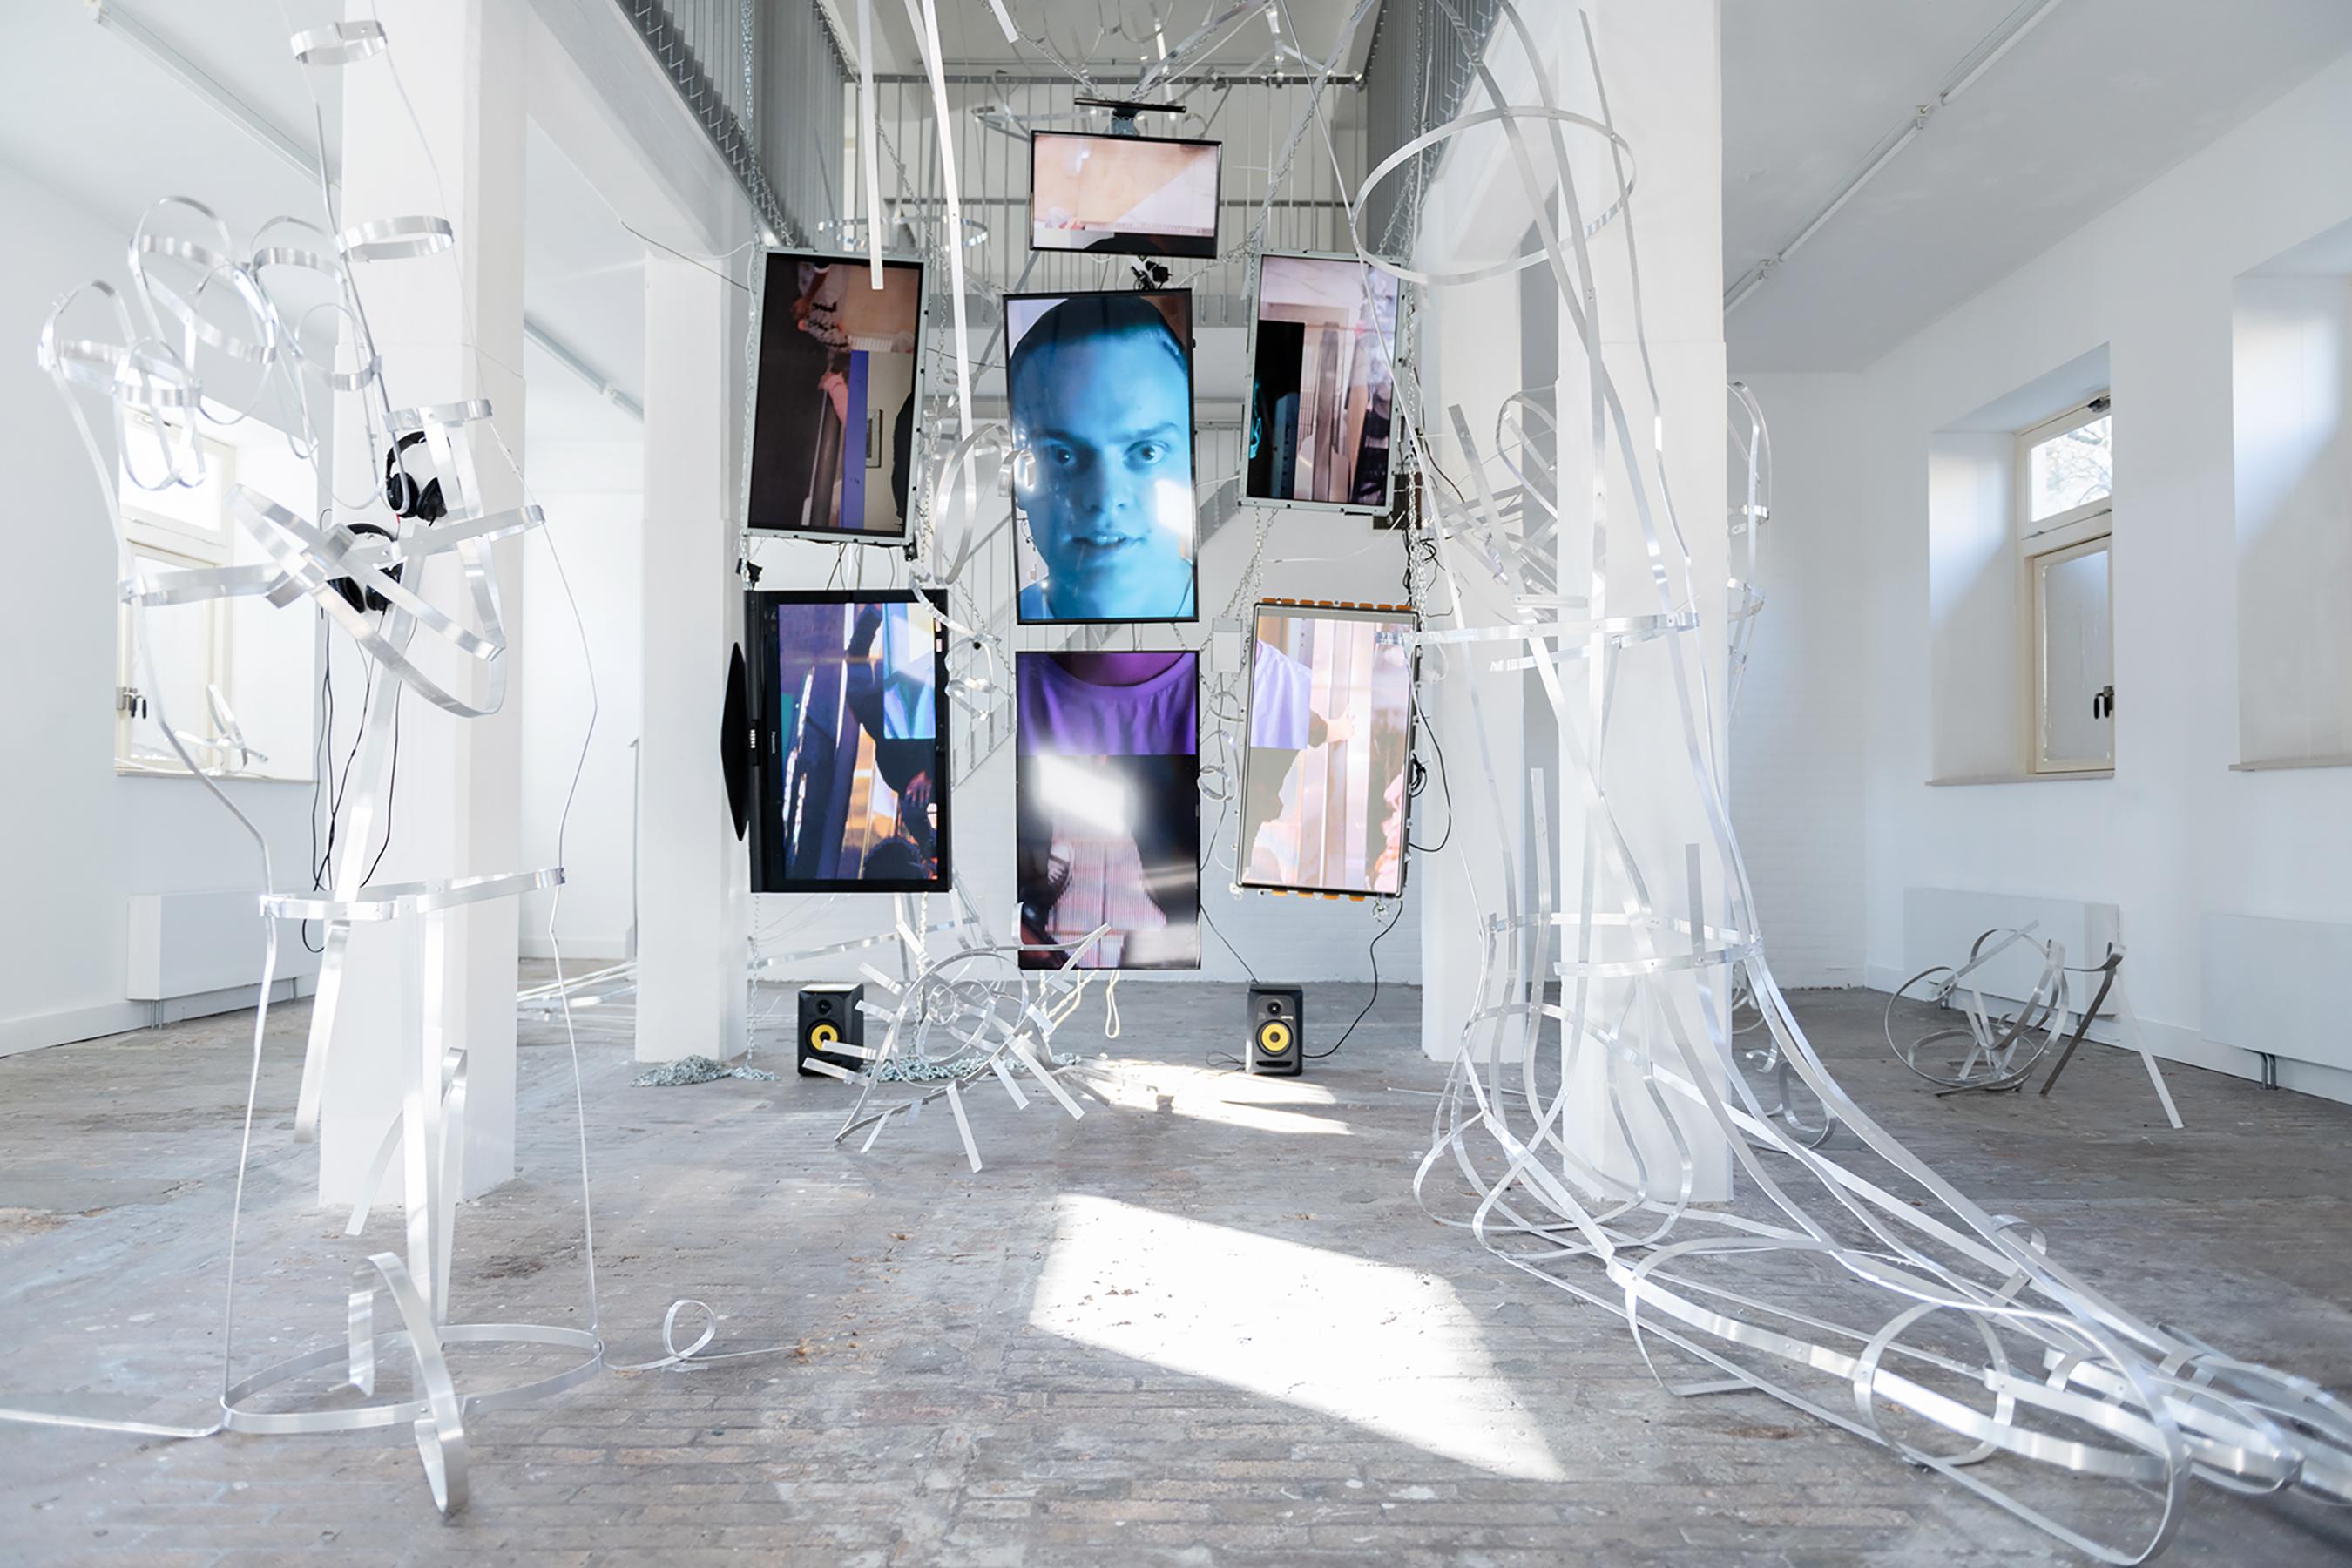 Installation von Johannes Büttner mit von der Decke hängenden Screens.